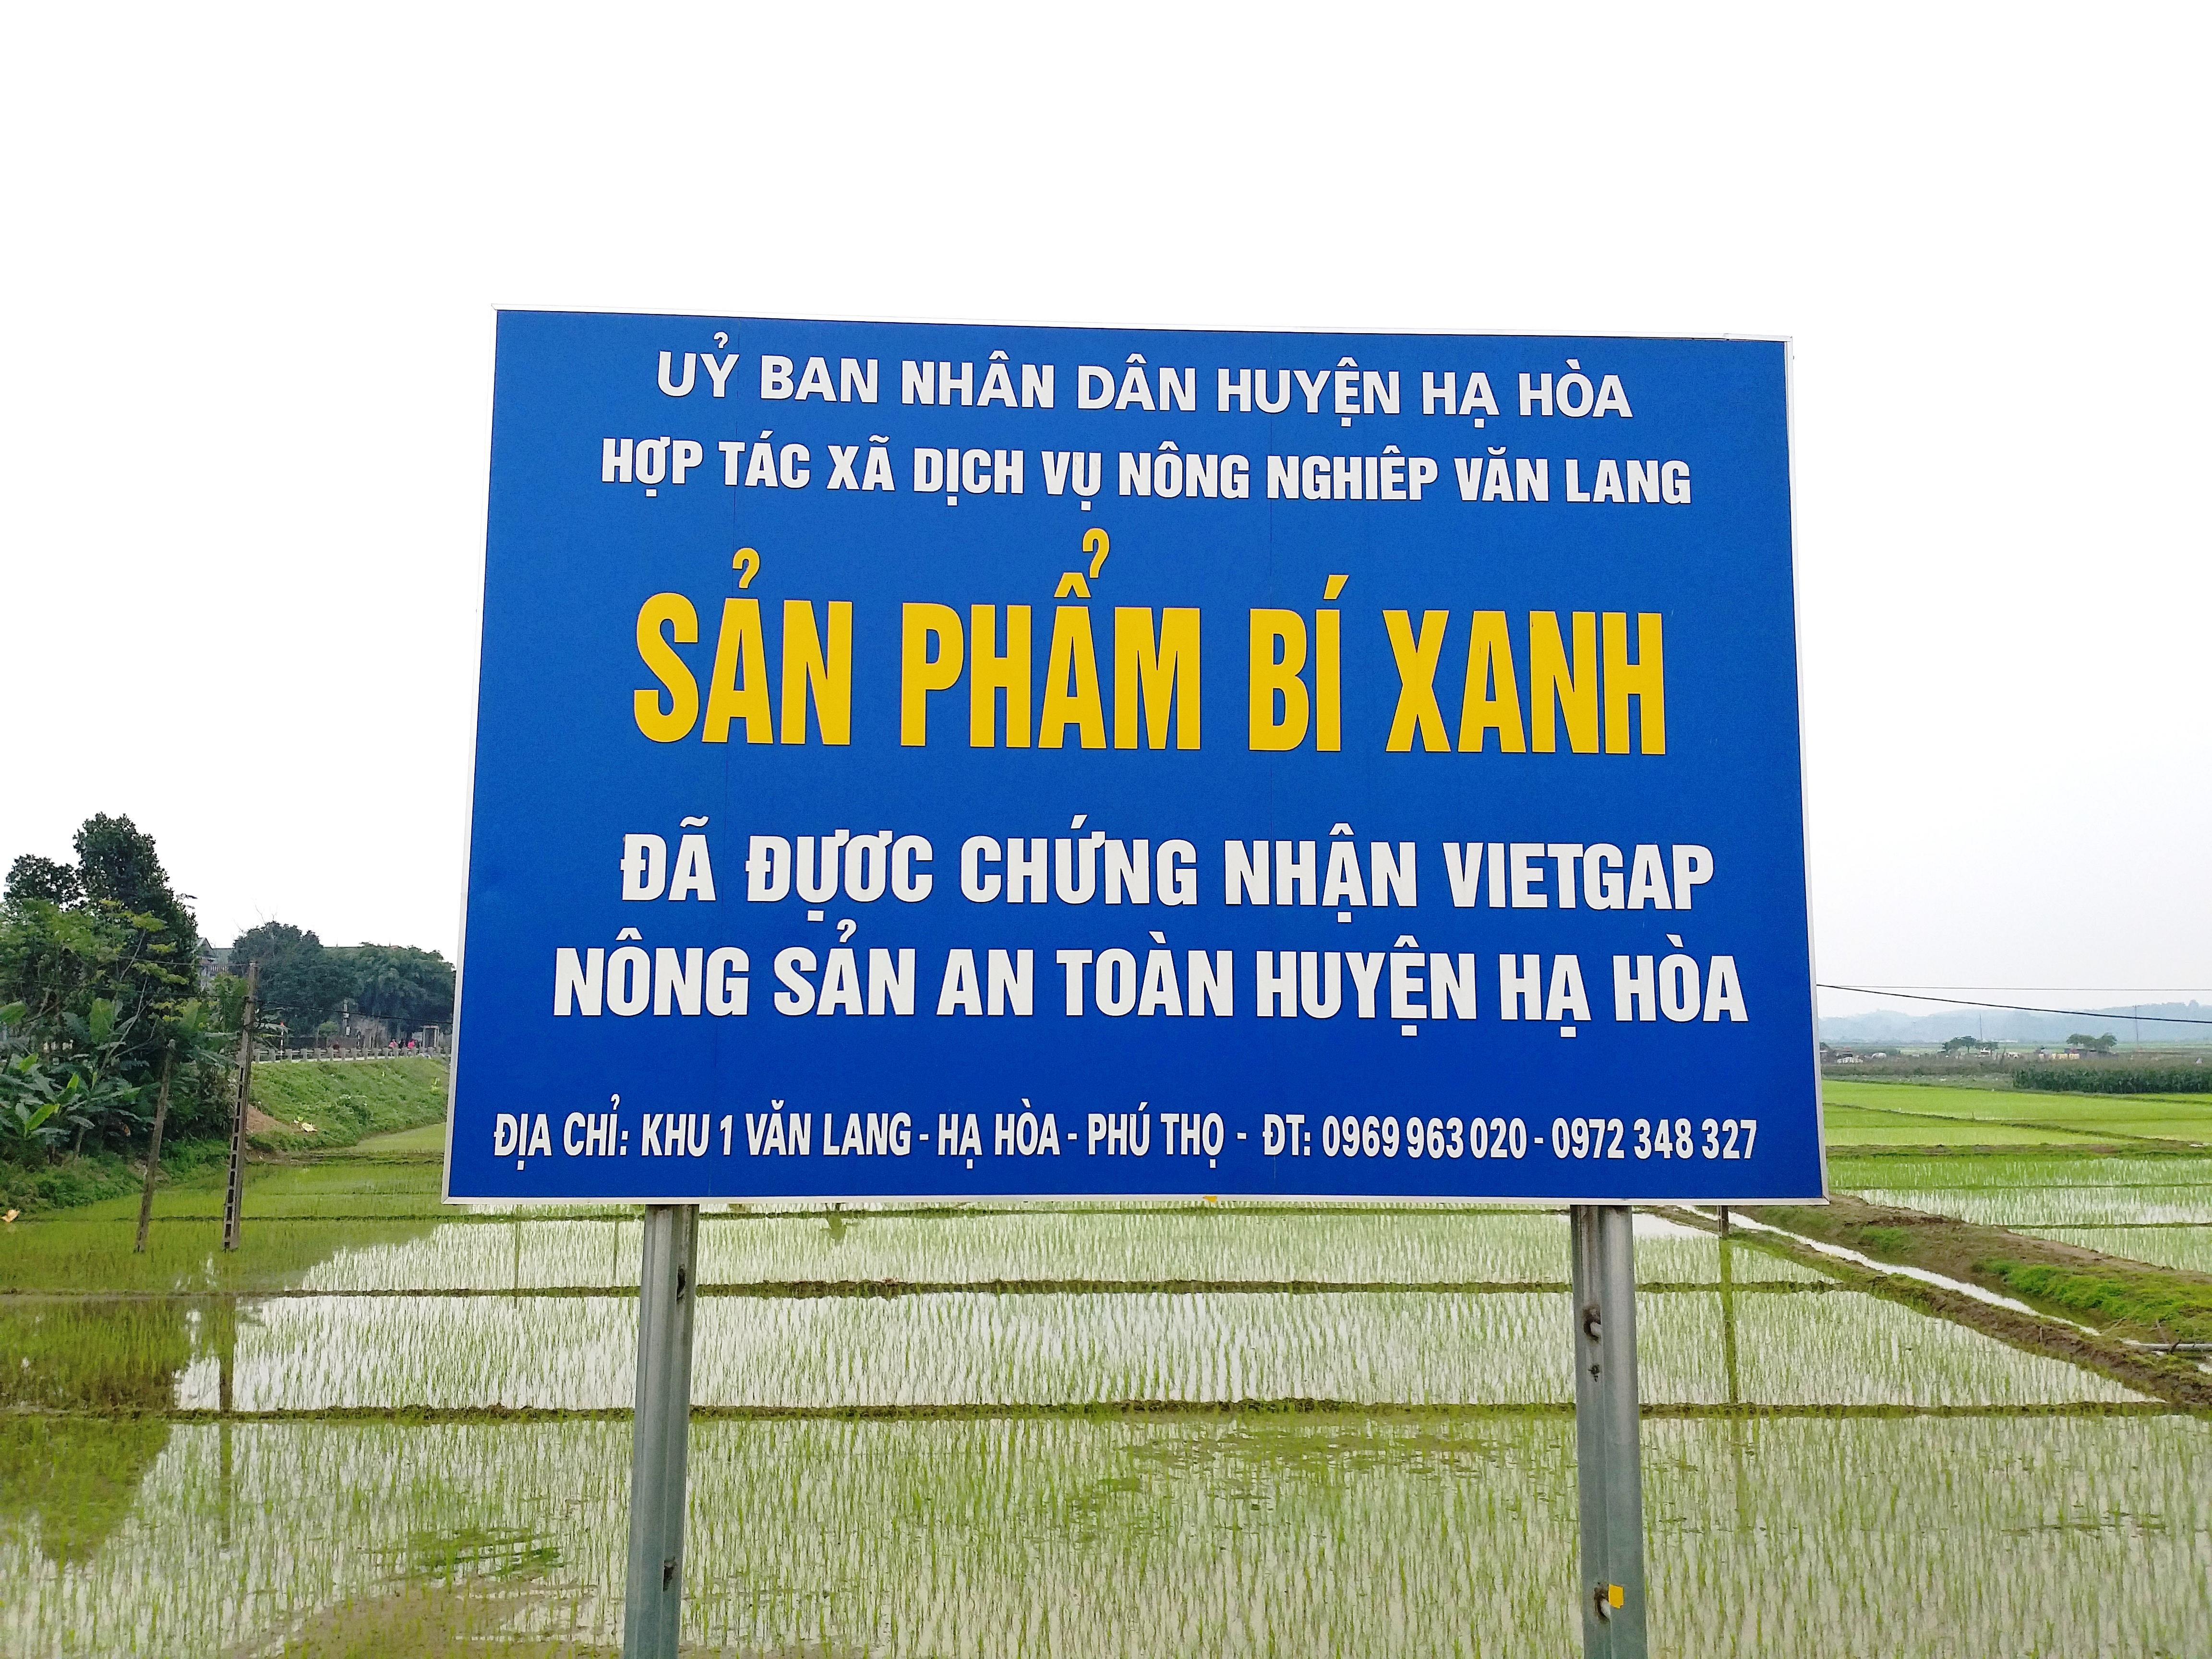 Biển giới thiệu sản phẩm bí xanh Văn Lang.